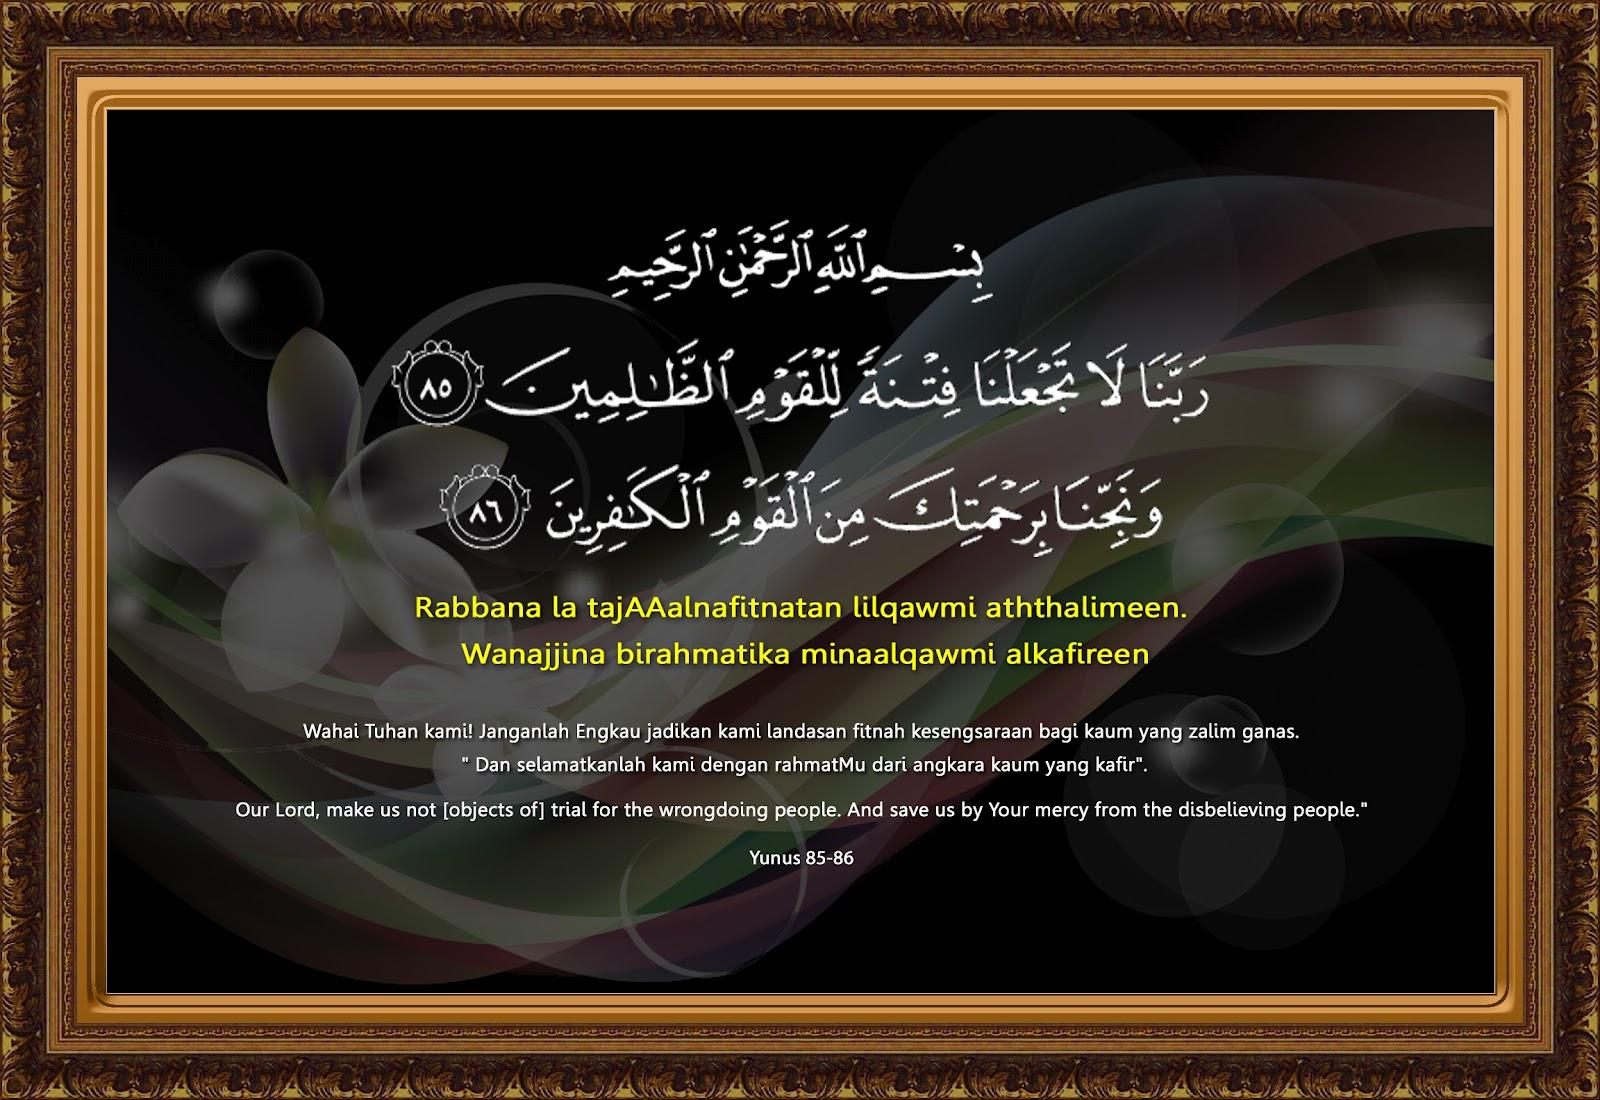 Doa Mohon Keselamatan-IslamRamah.co